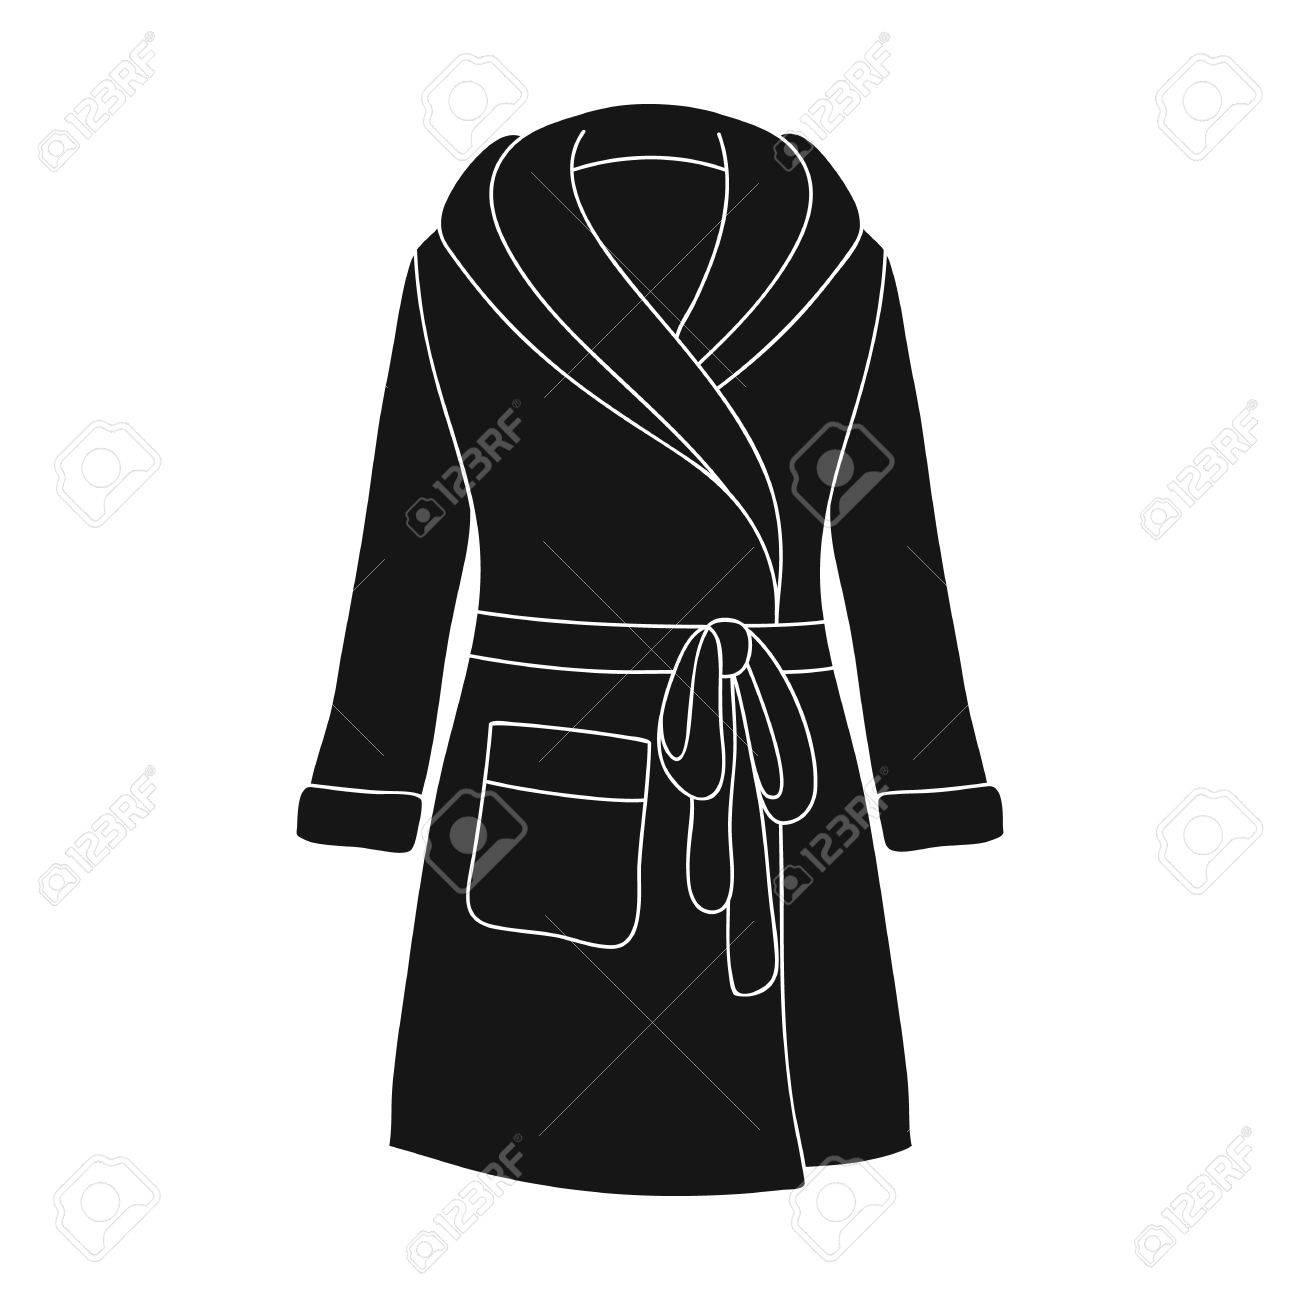 04ffb5c5b3f0fd Banque d'images - Robe de la dame verte après le bain. Vêtements de maison  pour les femmes. Femme vêtements unique icône dans l'illustration stock du  ...